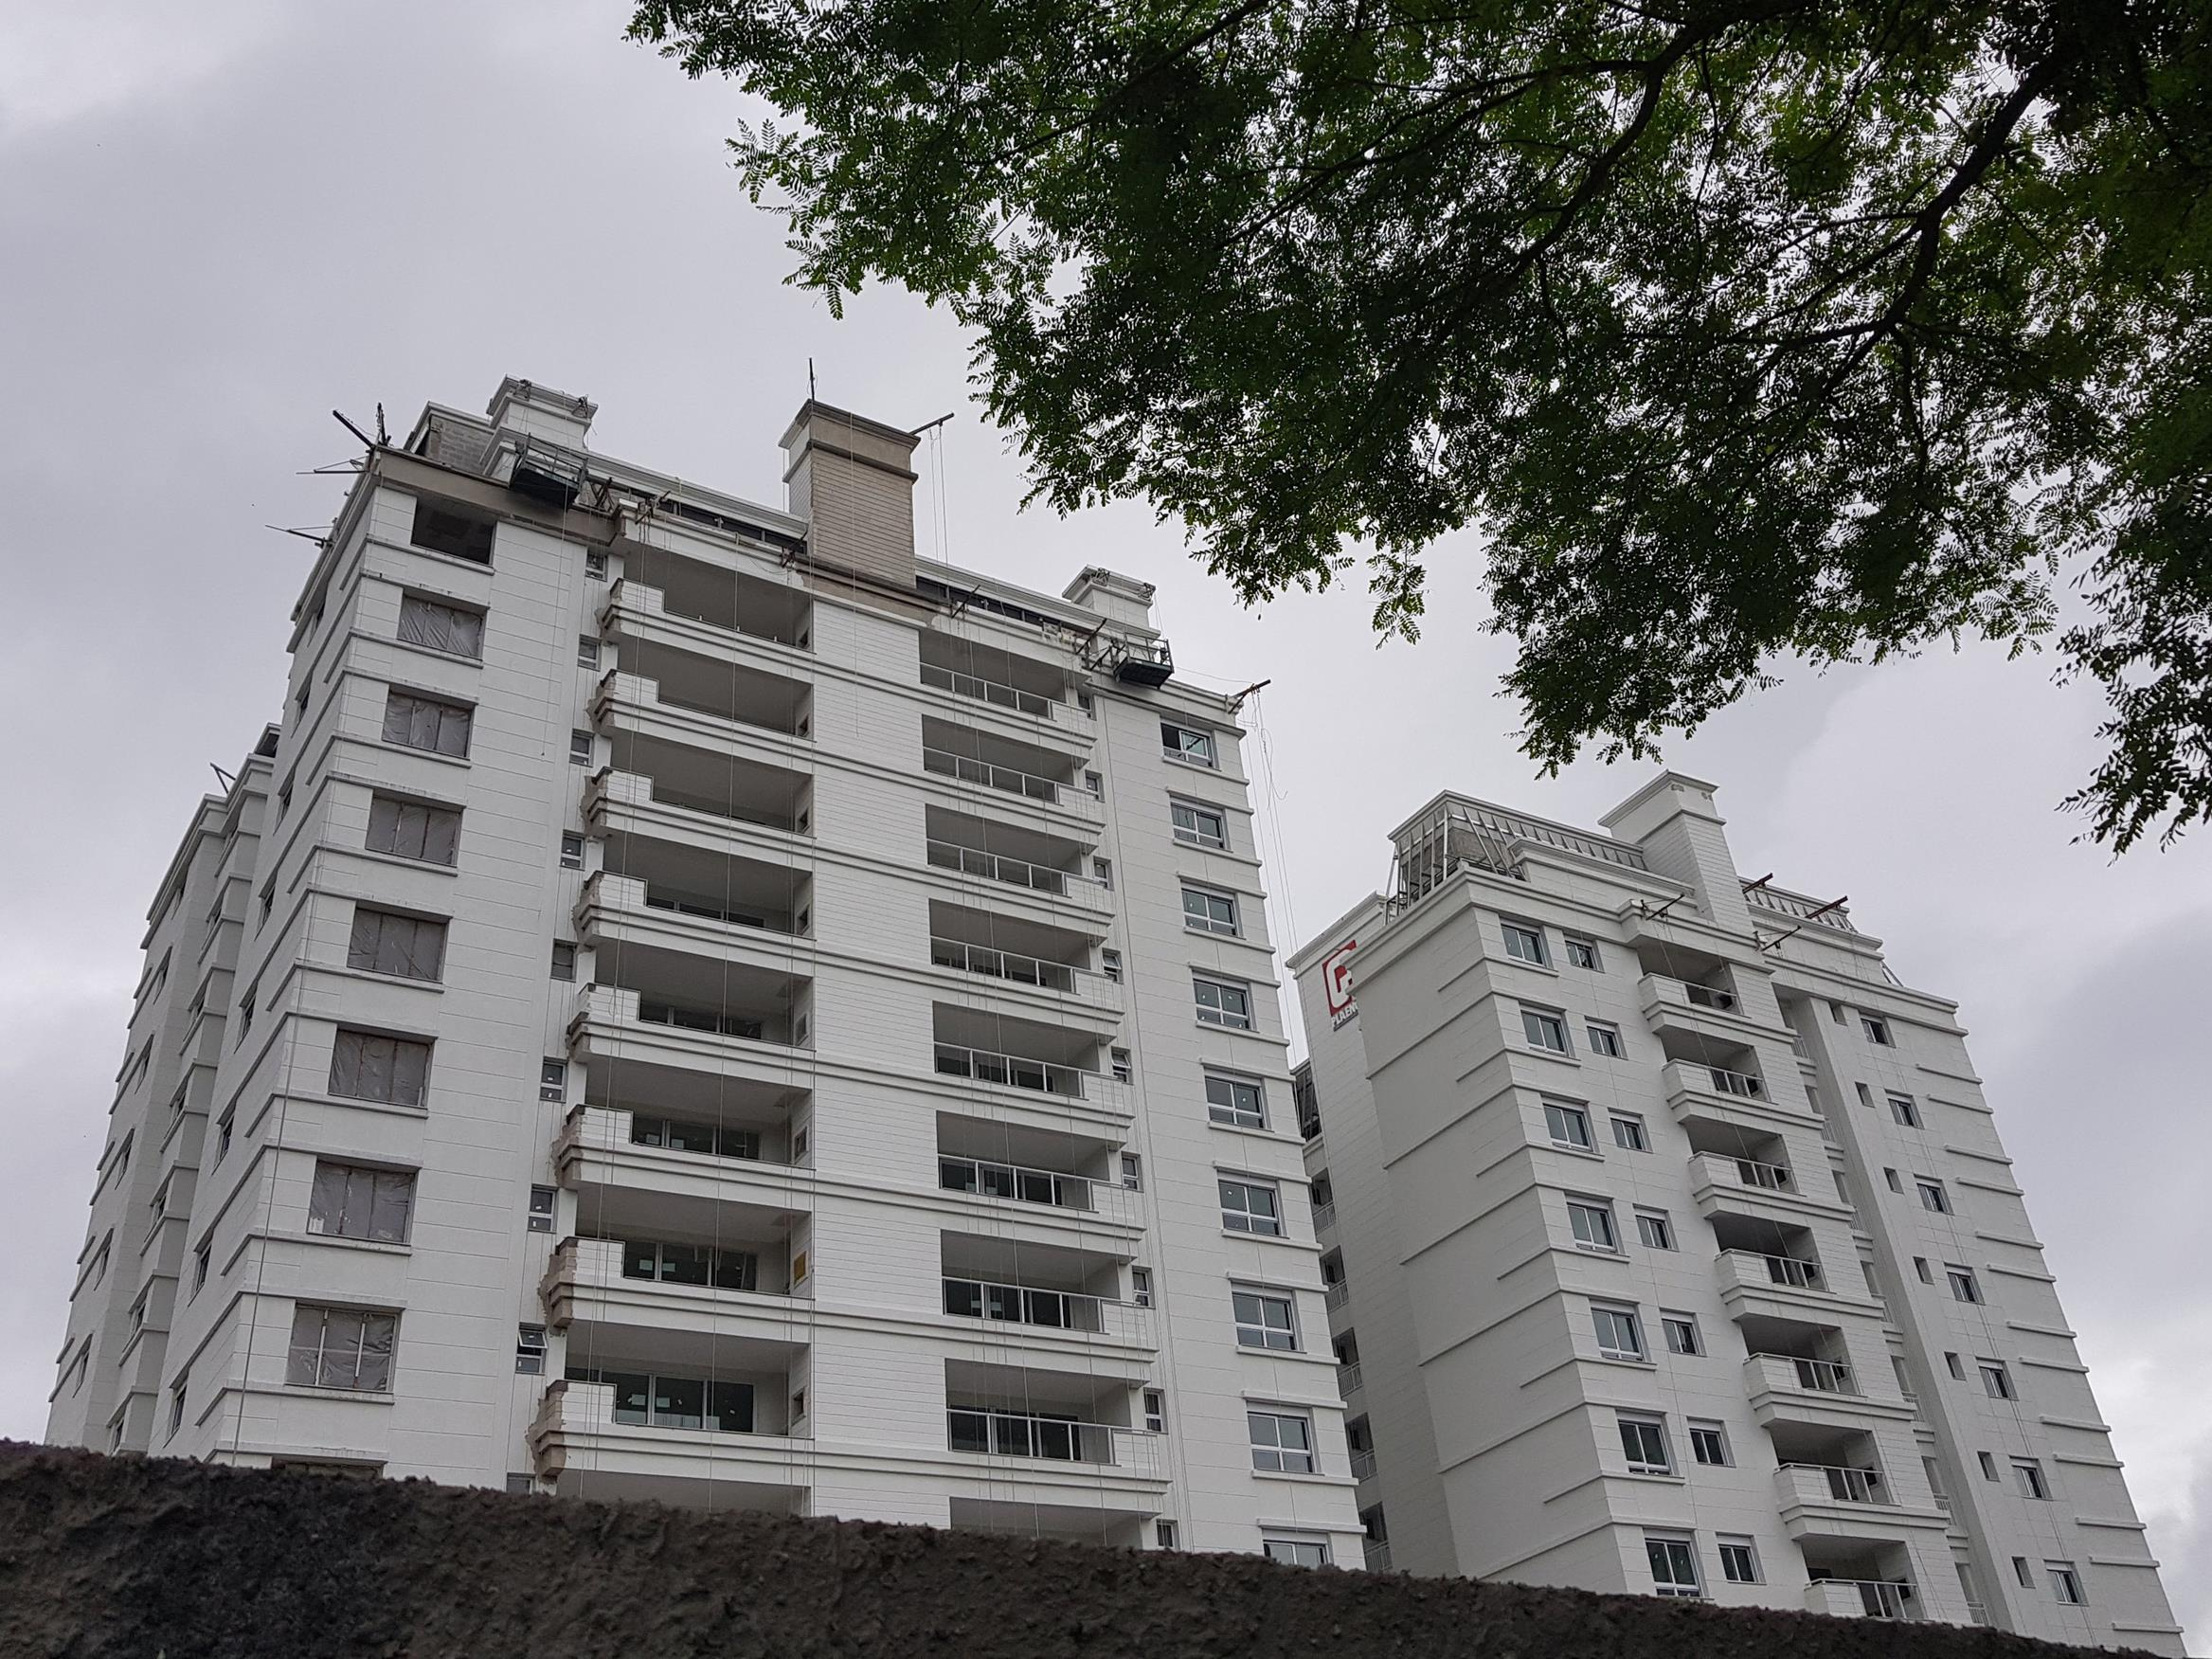 Veja porque a manutenção das fachadas de edifícios é de fundamental importância